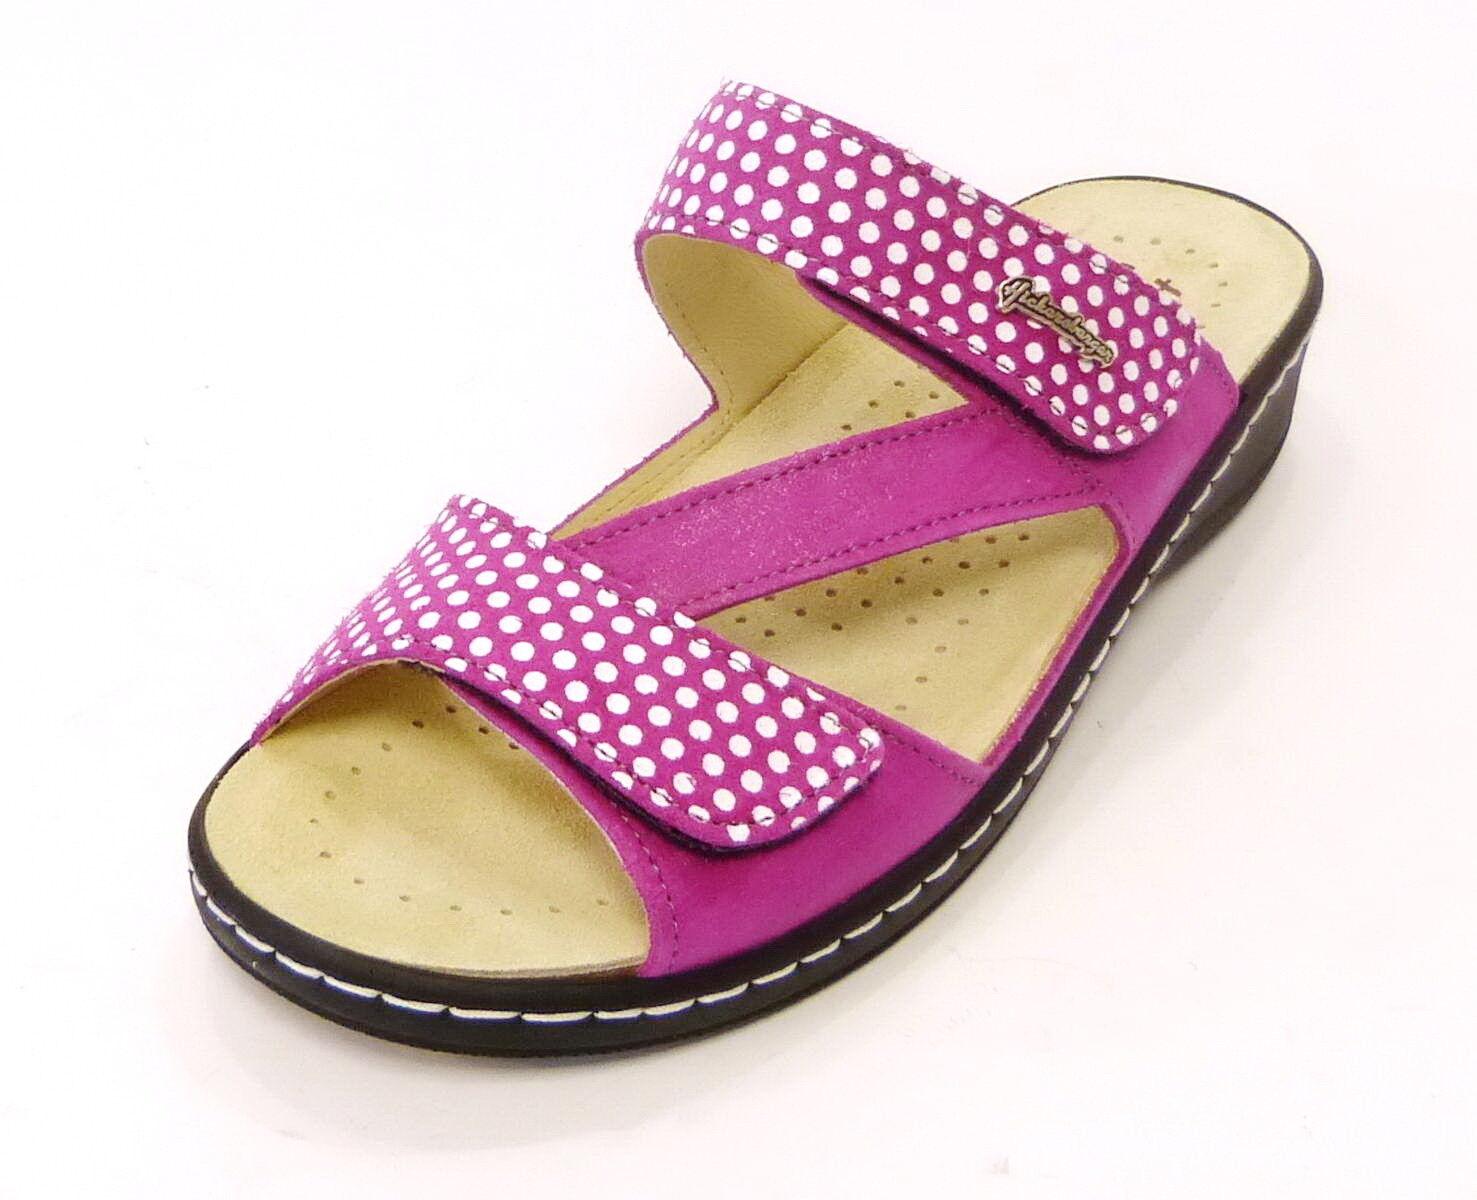 Hickersberger sandalia es 2846 4032 rosa hierbas plantilla punto punktino cuero